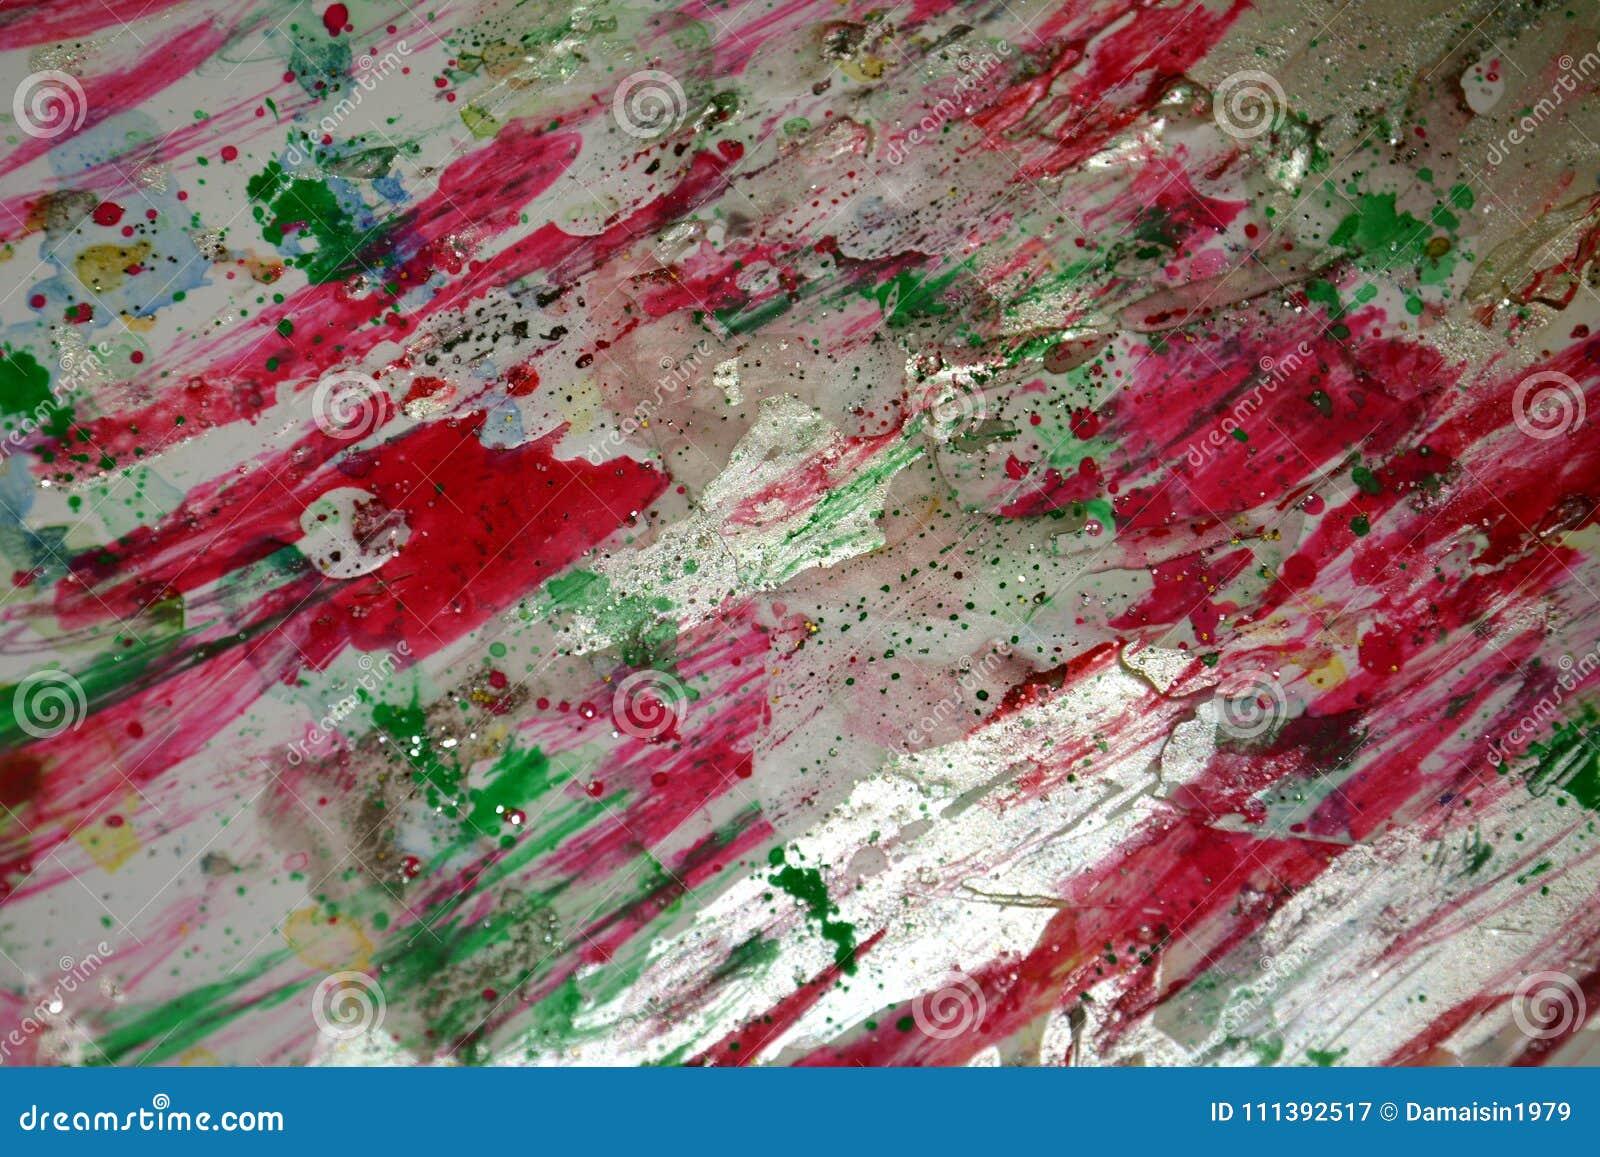 Rött violett ljust - grön silvrig mousserande bakgrund, färgrika livliga vaxartade färger, kontrasterar idérik bakgrund